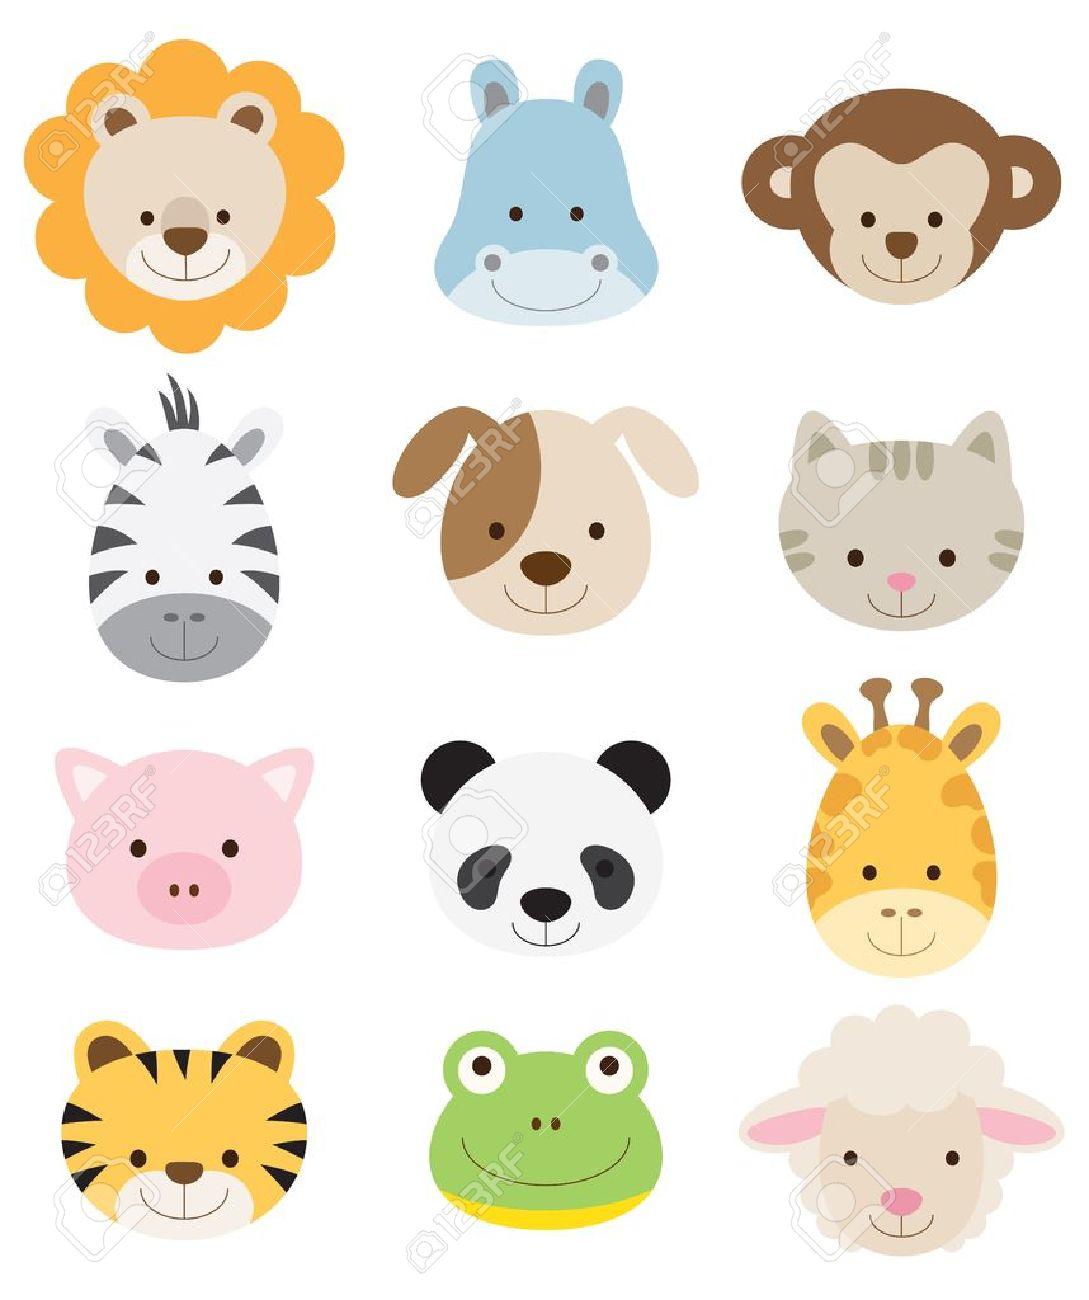 ライオン、カバ、猿、シマウマ、犬、猫、豚、パンダ、キリン、タイガー